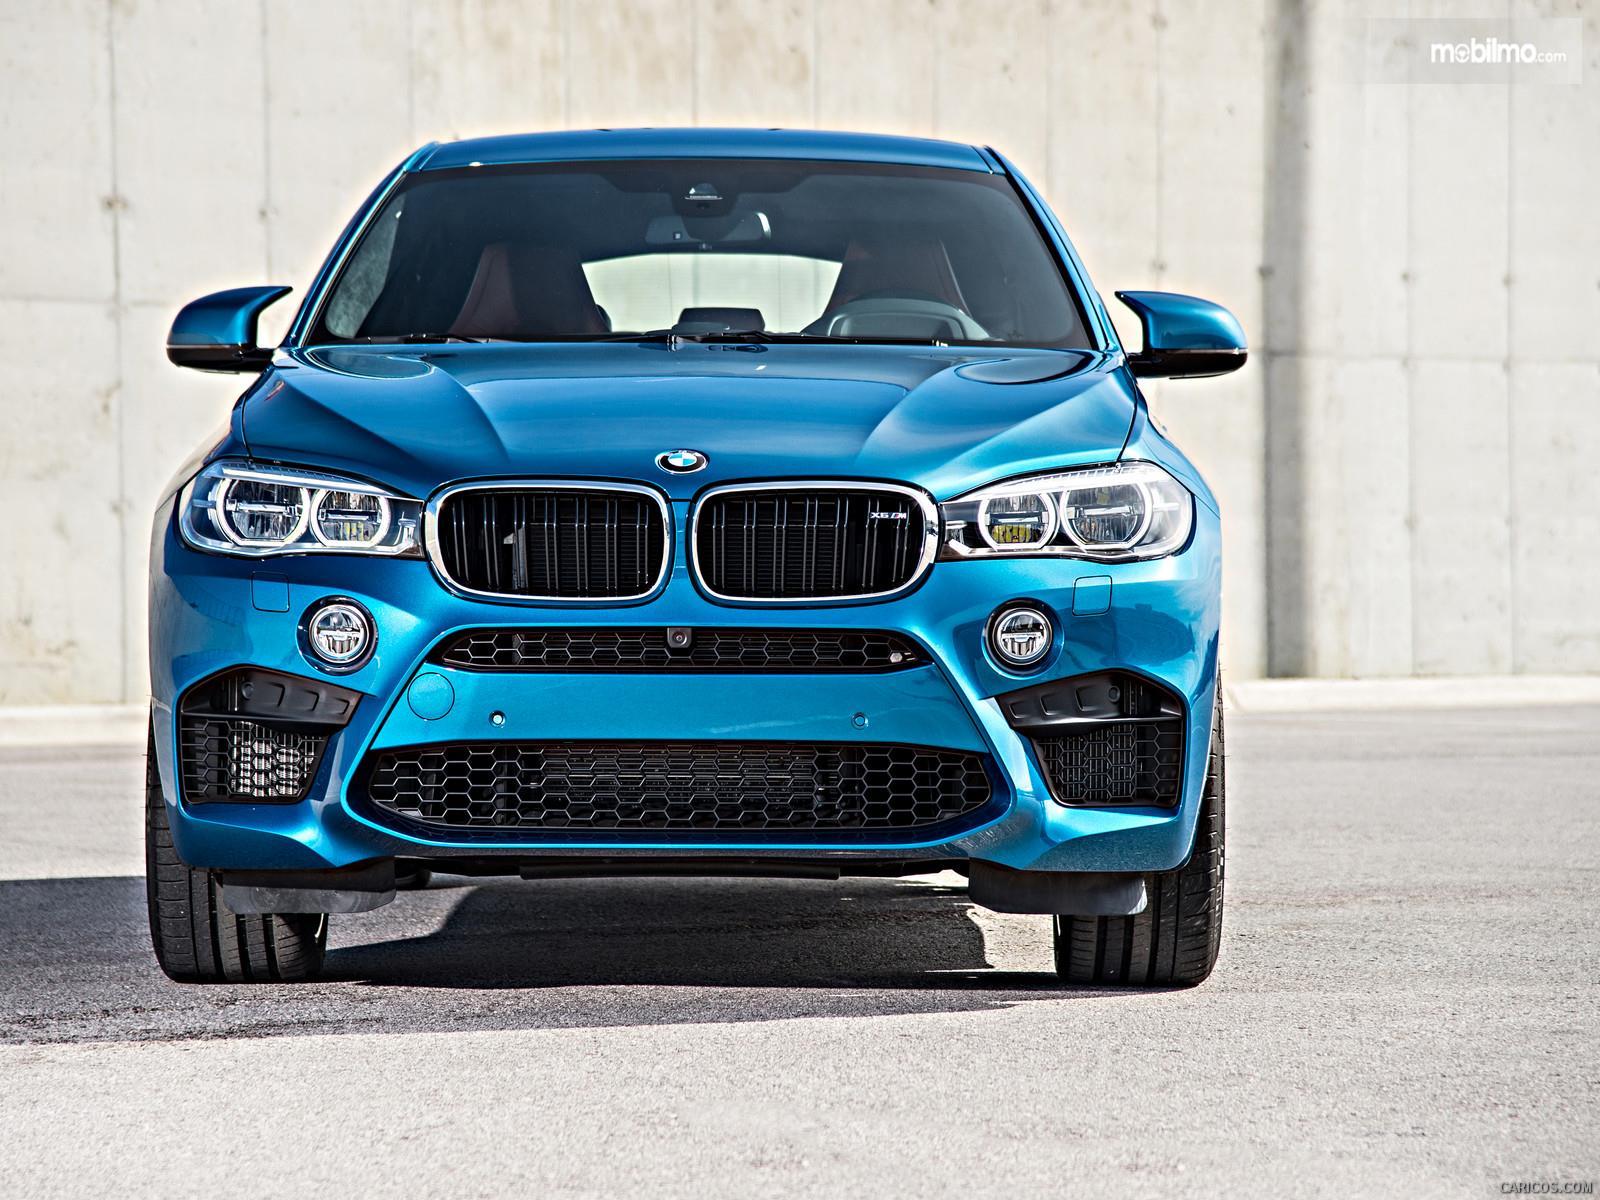 Foto BMW X6 M 2018 diambil dari arah depan